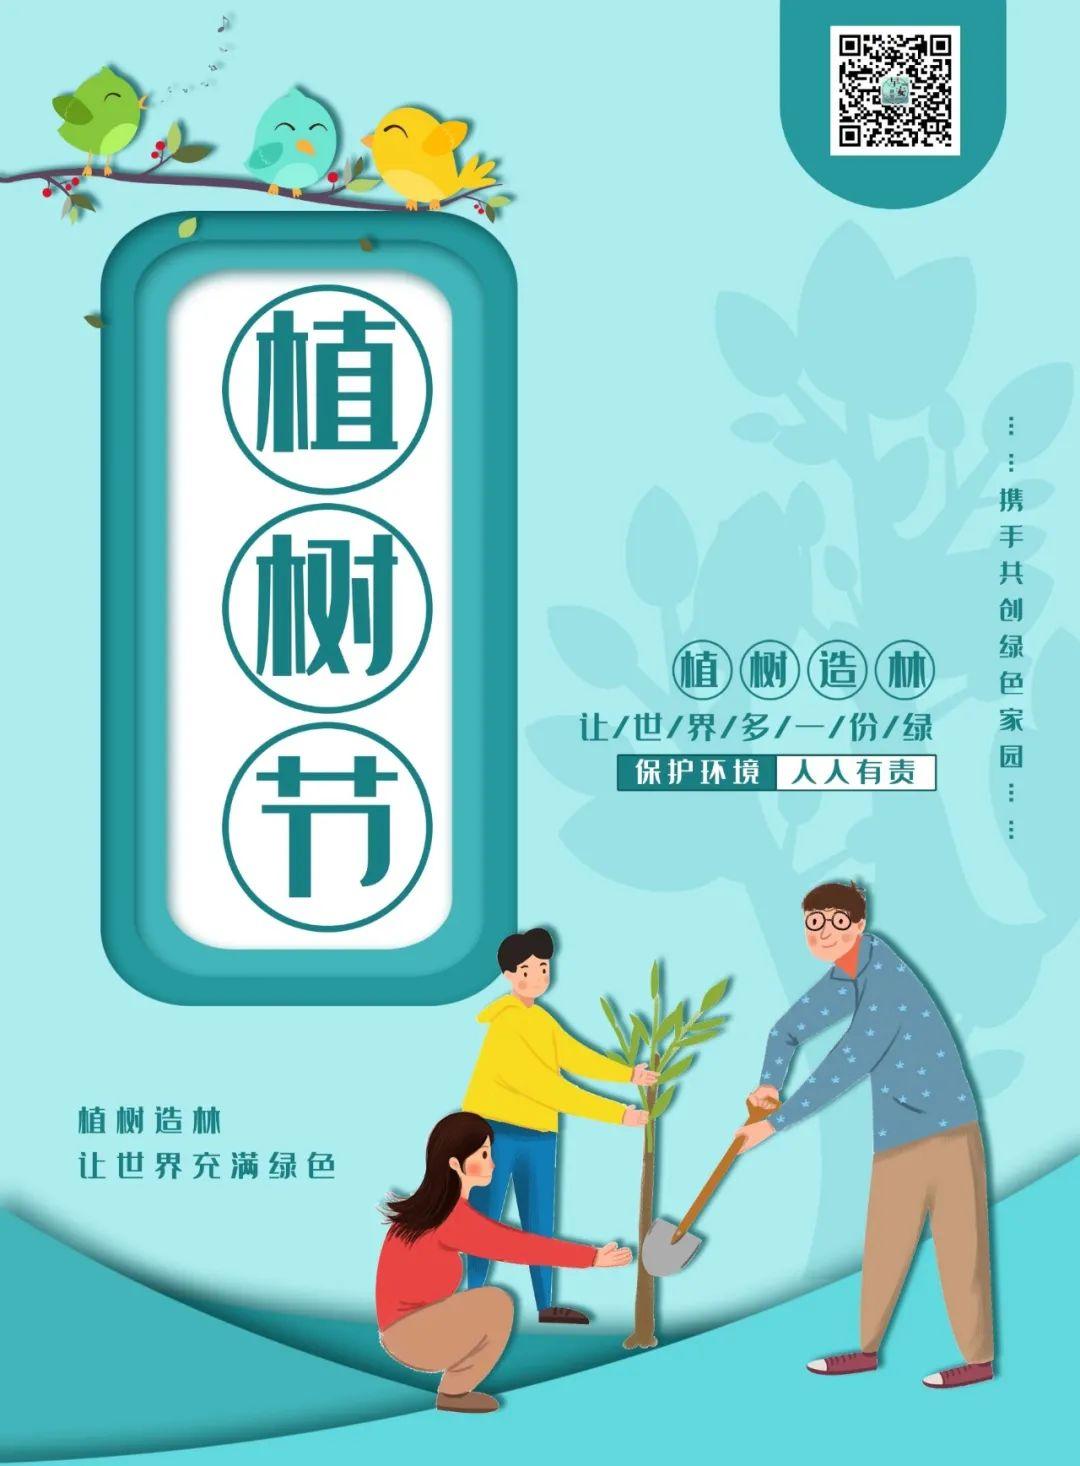 3月12日朋友圈植树节文案:大手拉小手,同栽一片绿!插图6